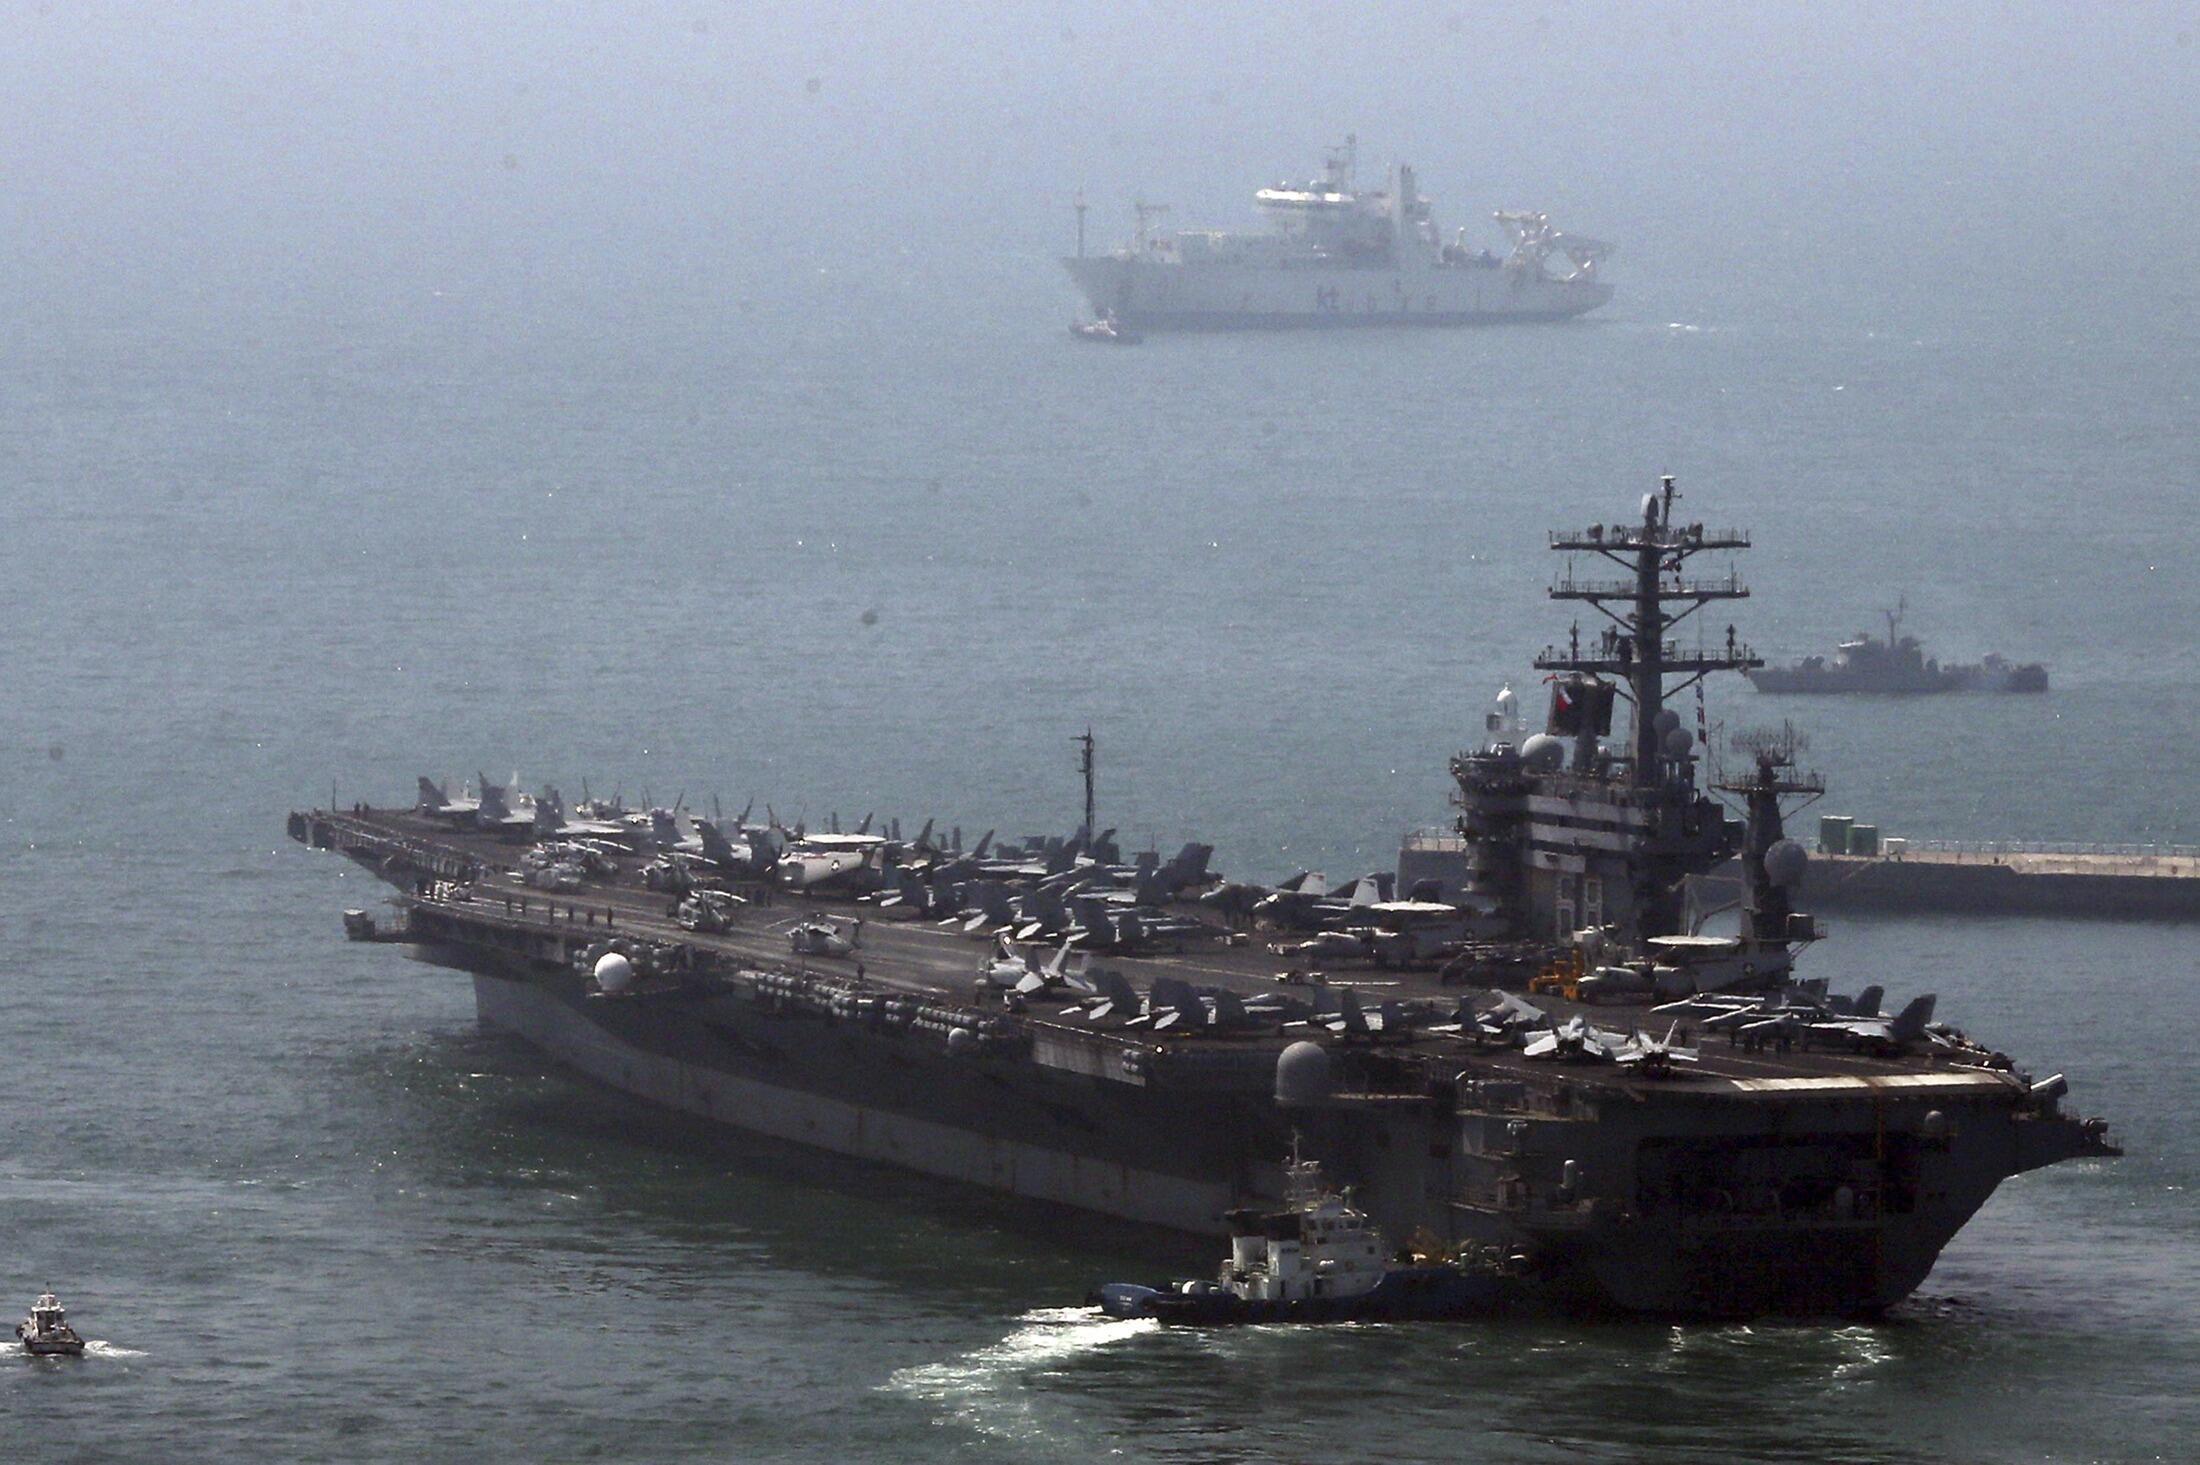 Hàng không mẫu hạm USS Nimitz trong đợt tập trận với Hàn Quốc 13/05/2013 - REUTERS /Yonhap